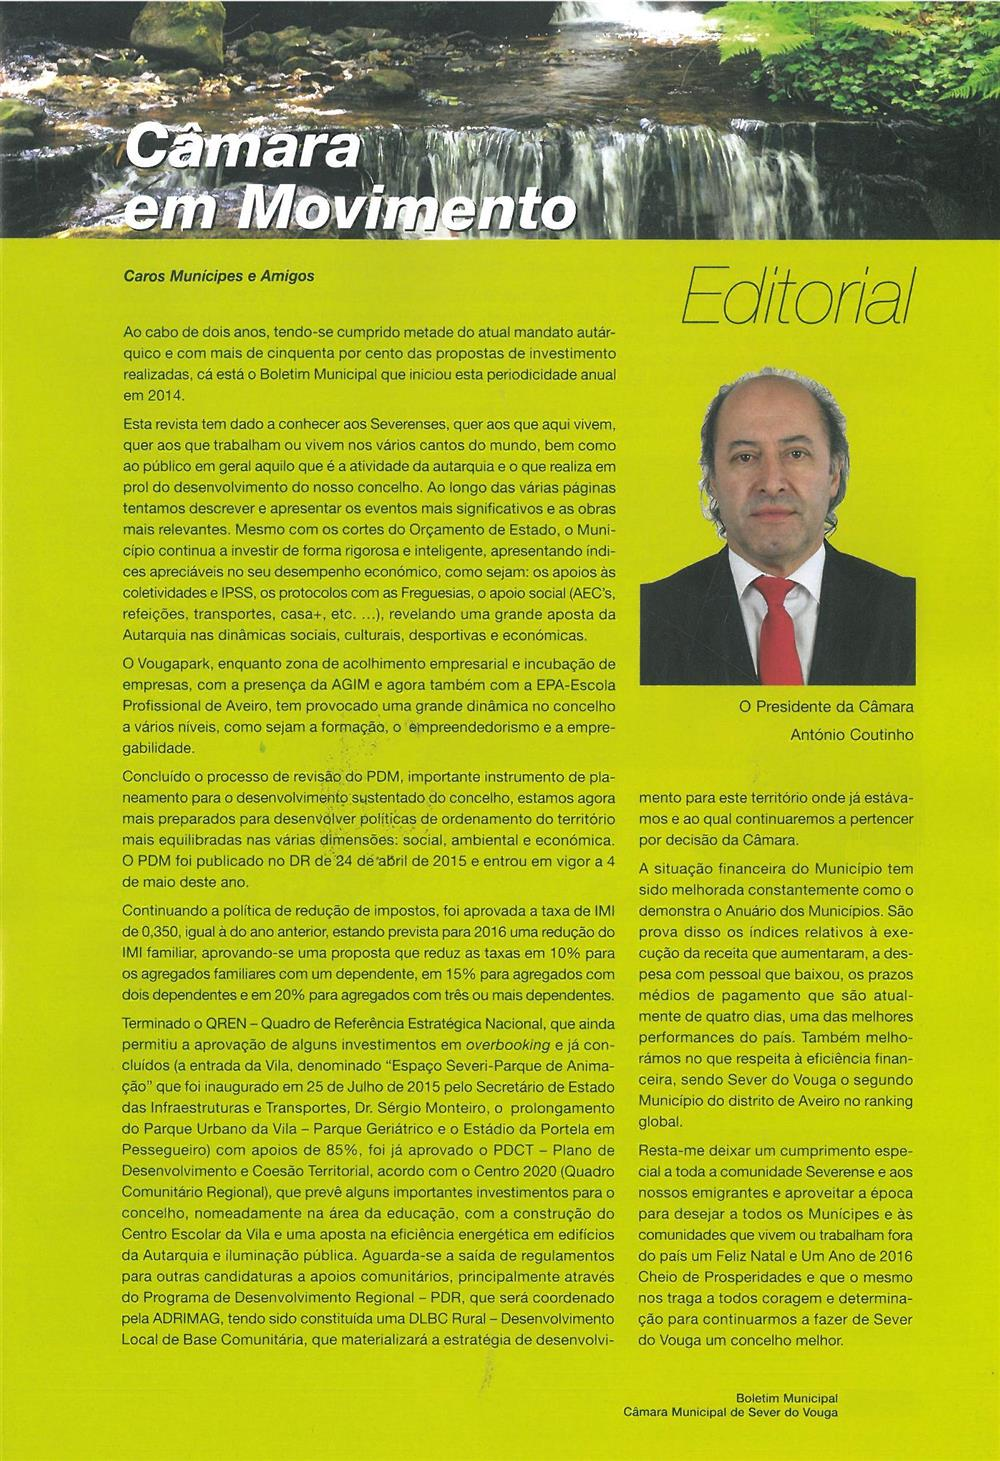 BoletimMunicipal-n.º 32-nov.'15-p.1 - Câmara em movimento : editorial.jpg